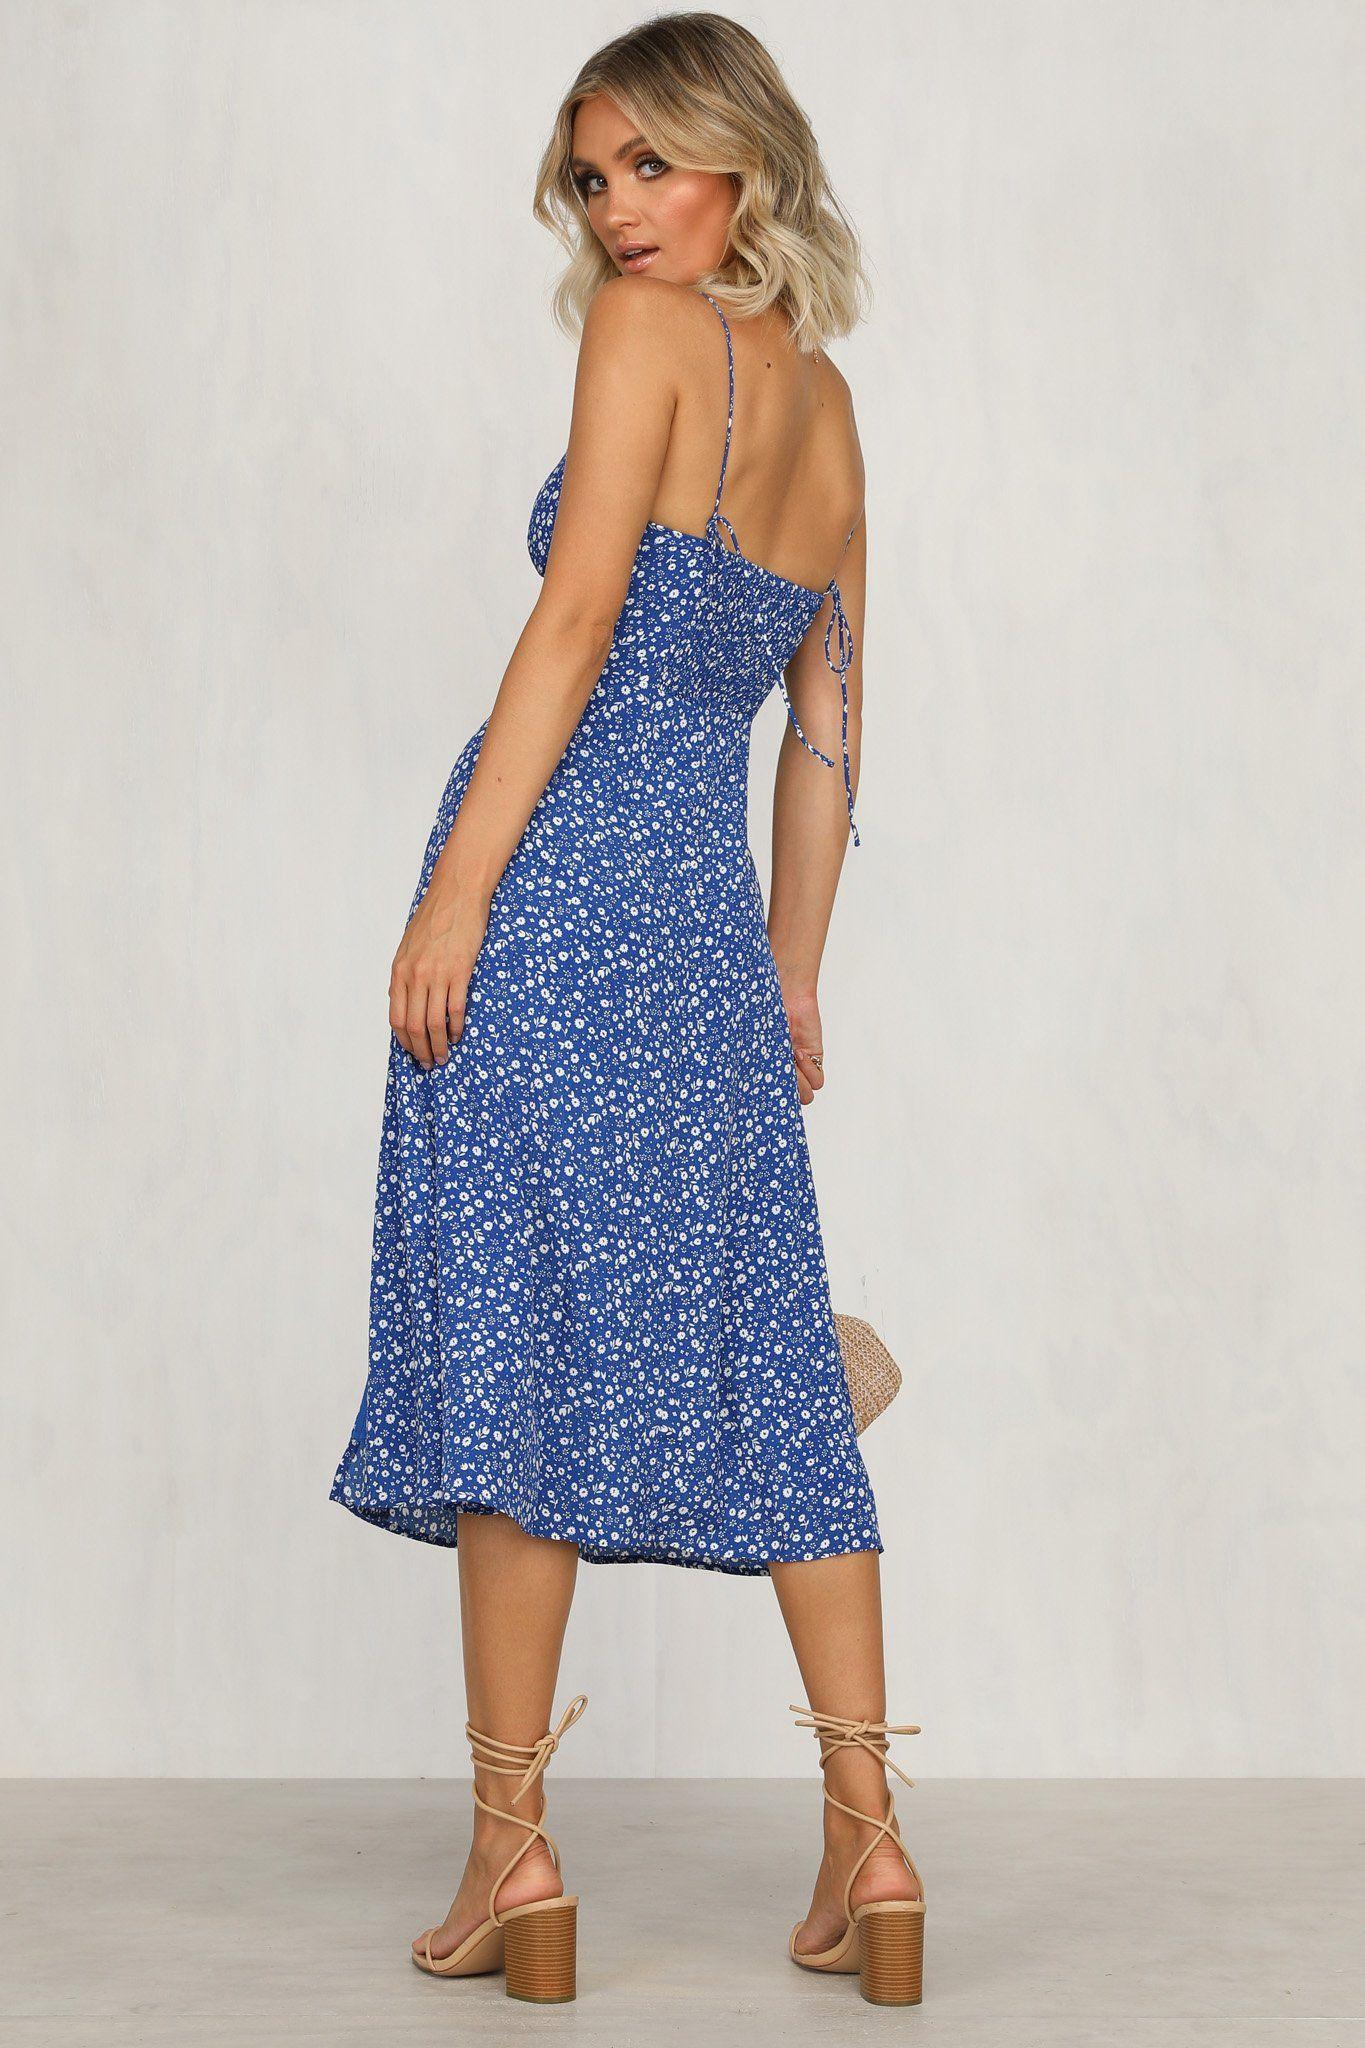 Summer Sun Dress Blue Floral Runwayscout In 2020 Sundress Dresses Blue Dresses [ 2048 x 1365 Pixel ]